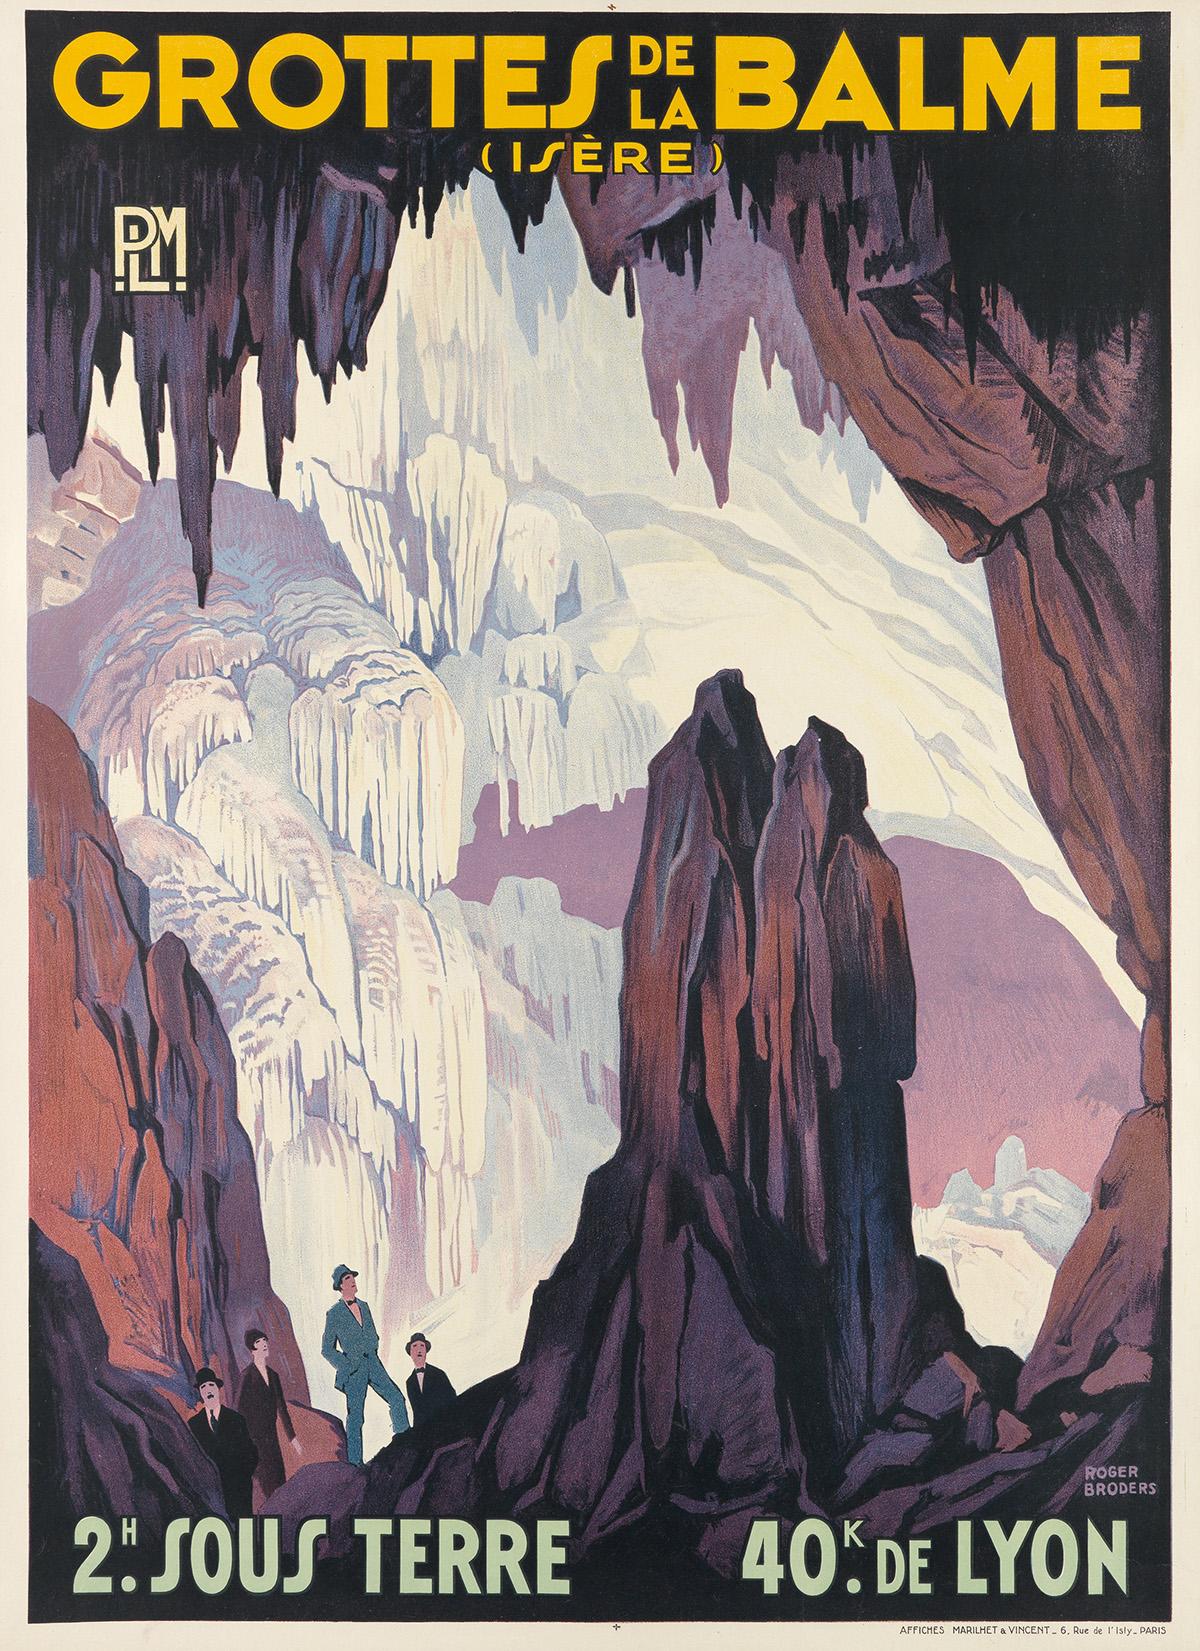 ROGER-BRODERS-(1883-1953)-GROTTES-DE-LA-BALME-Circa-1928-41x